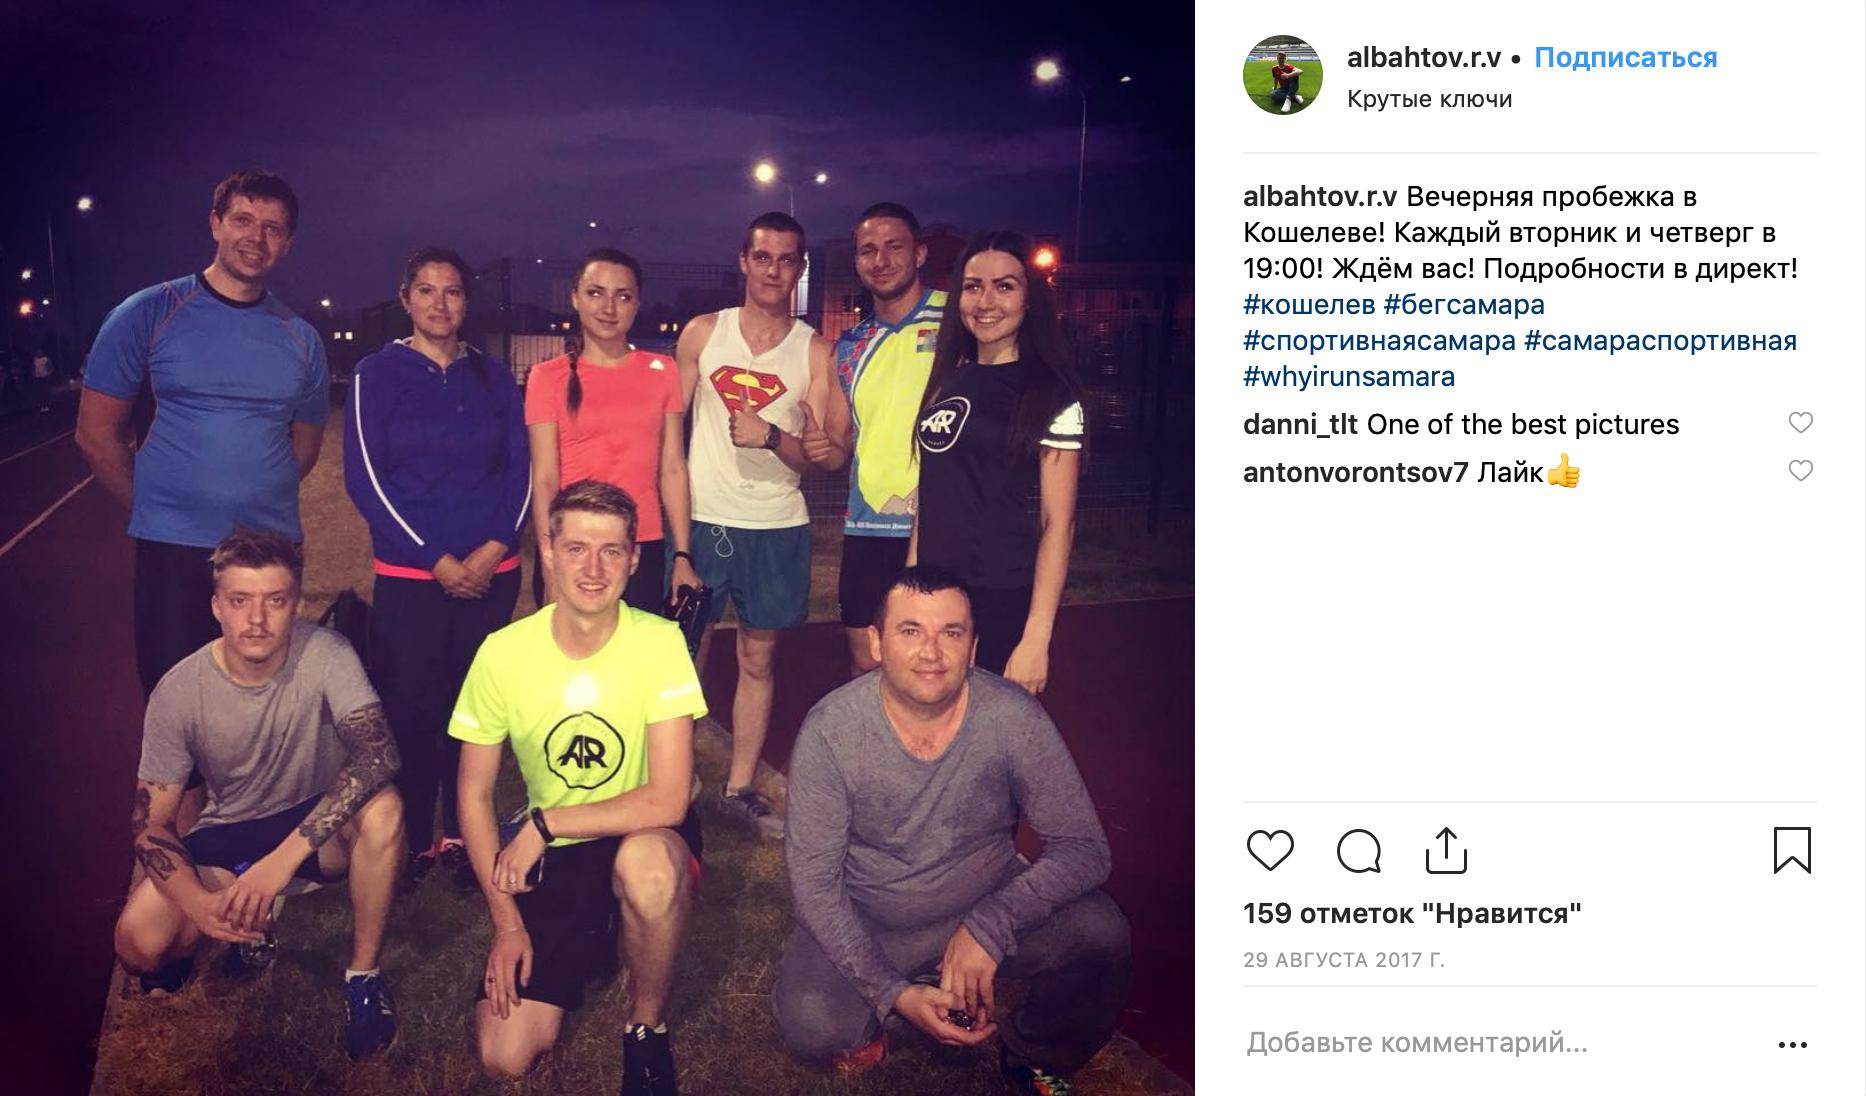 По хэштегу #бегсамара нашлась серия постов, гдеавтор приглашает напробежки ирассказывает омарафонах итренировках вгороде